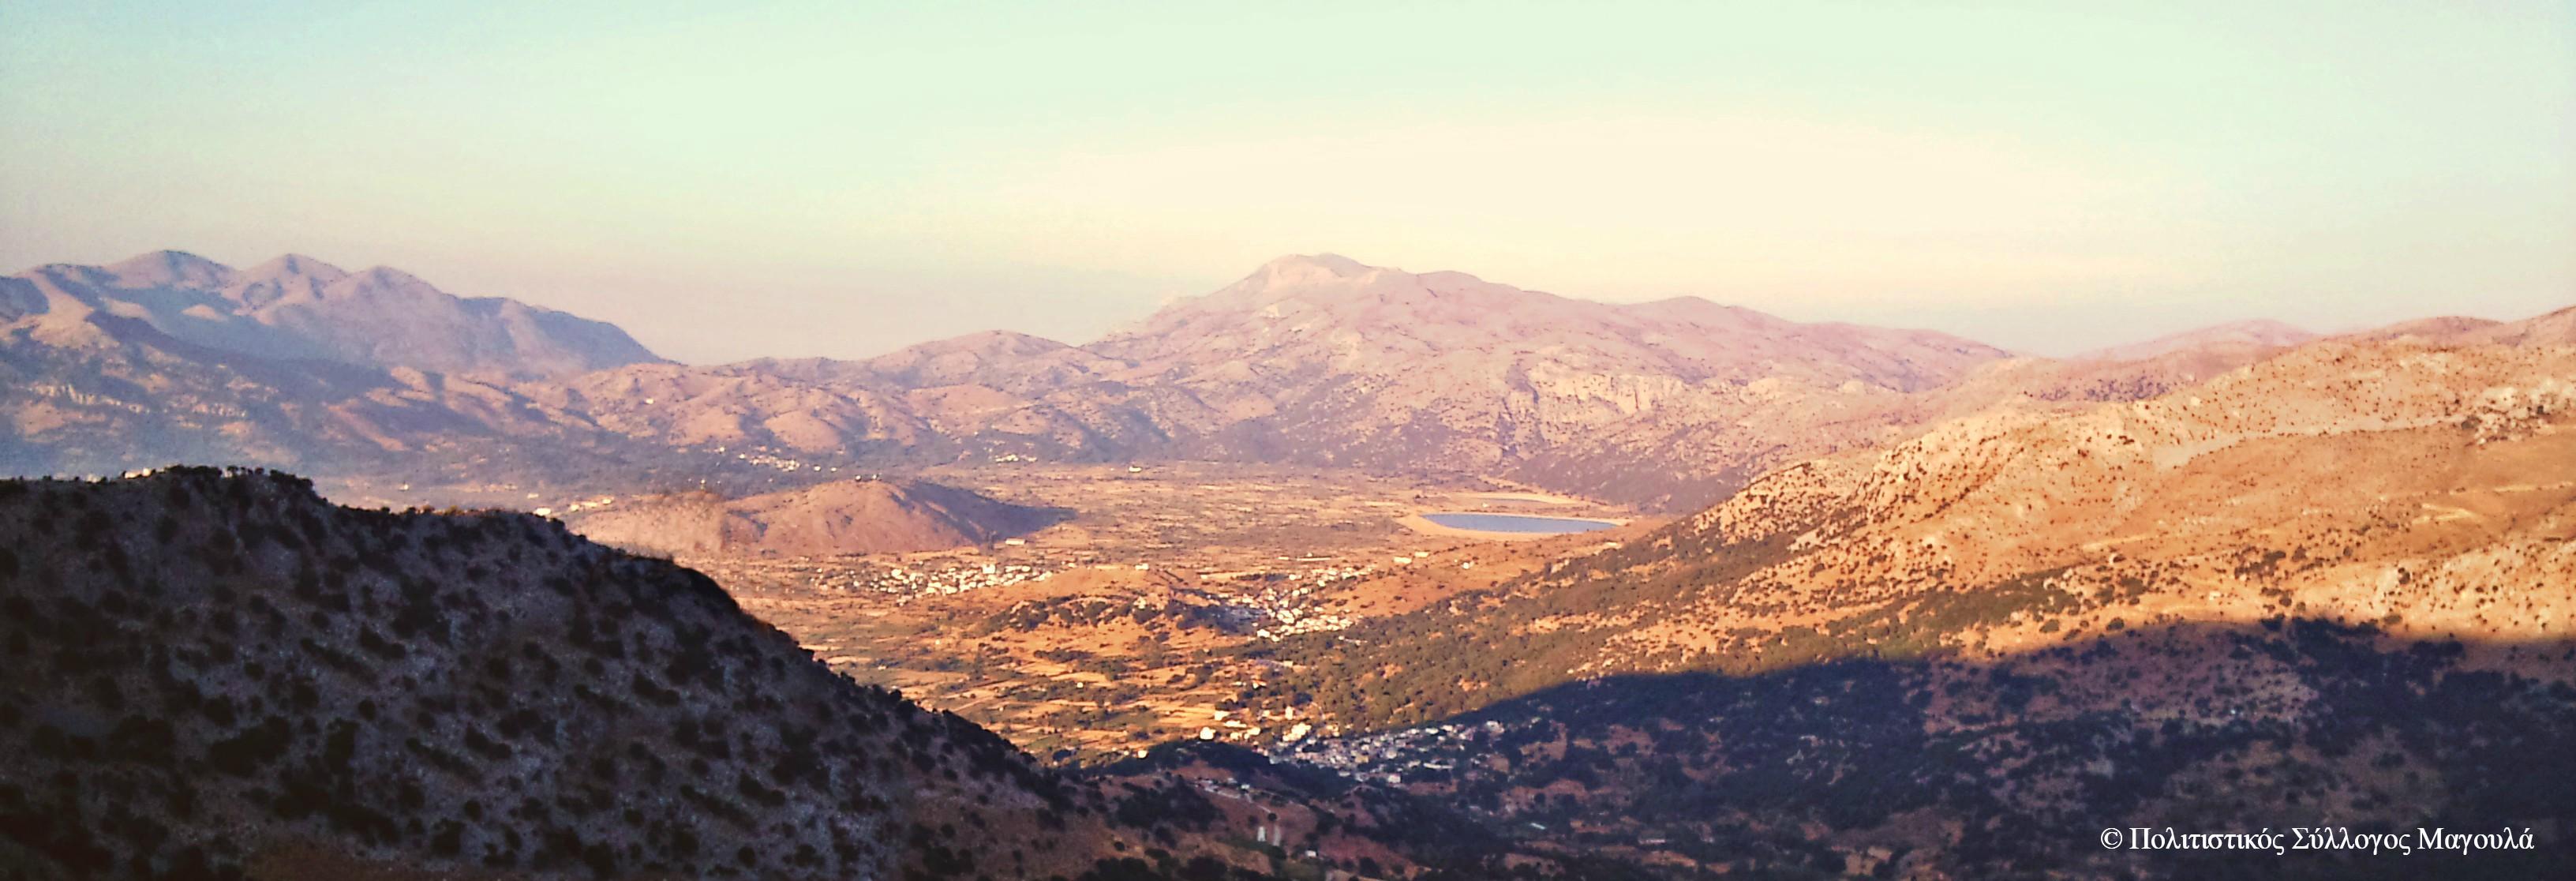 Η θέα του κάμπου από τη μάντρα του Πετρονικόλη κοντά στη Μάχα